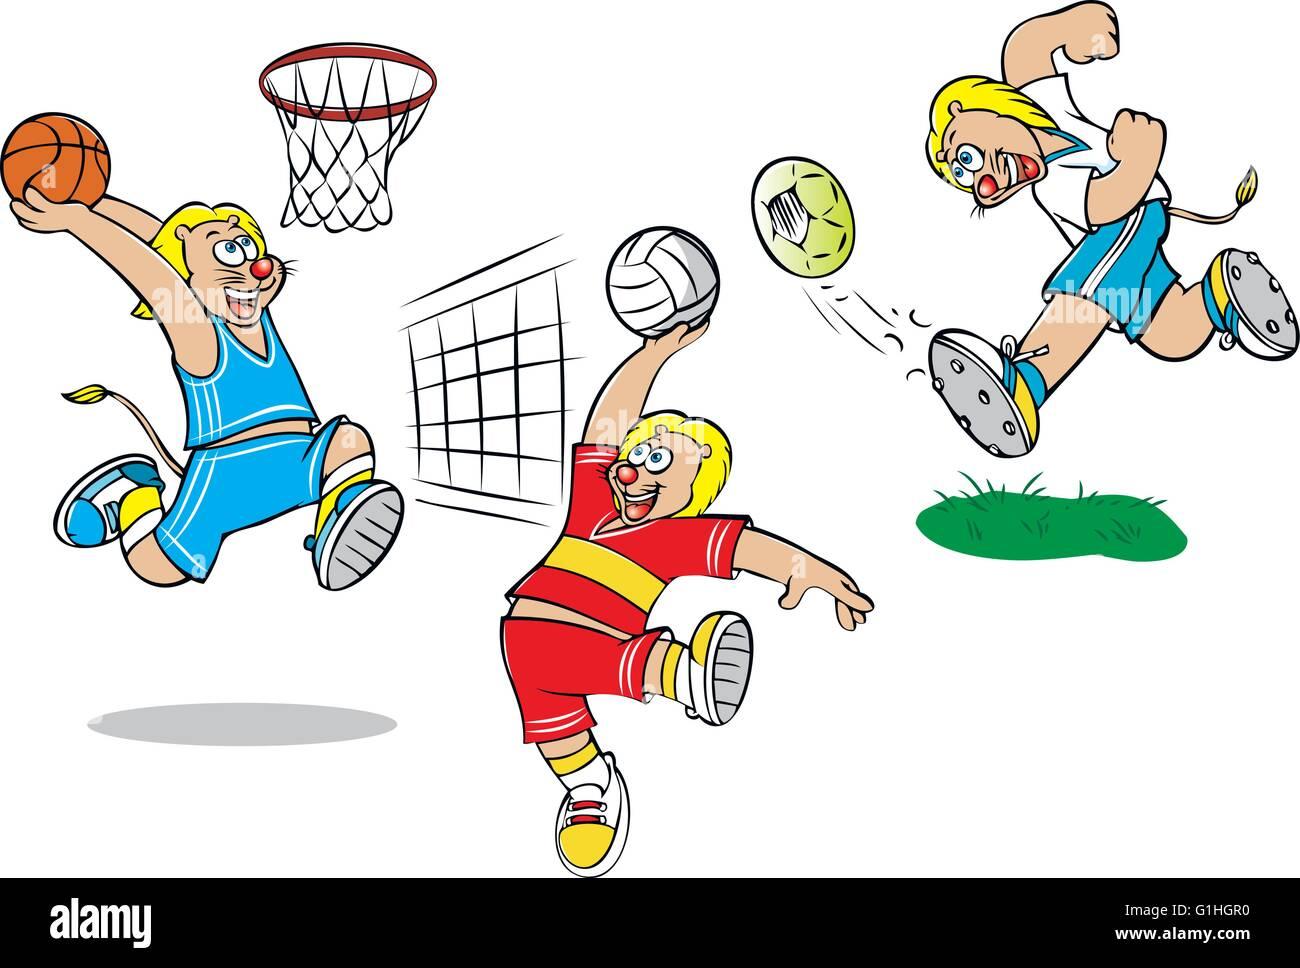 Resultado de imagen de Voley futbol baloncesto